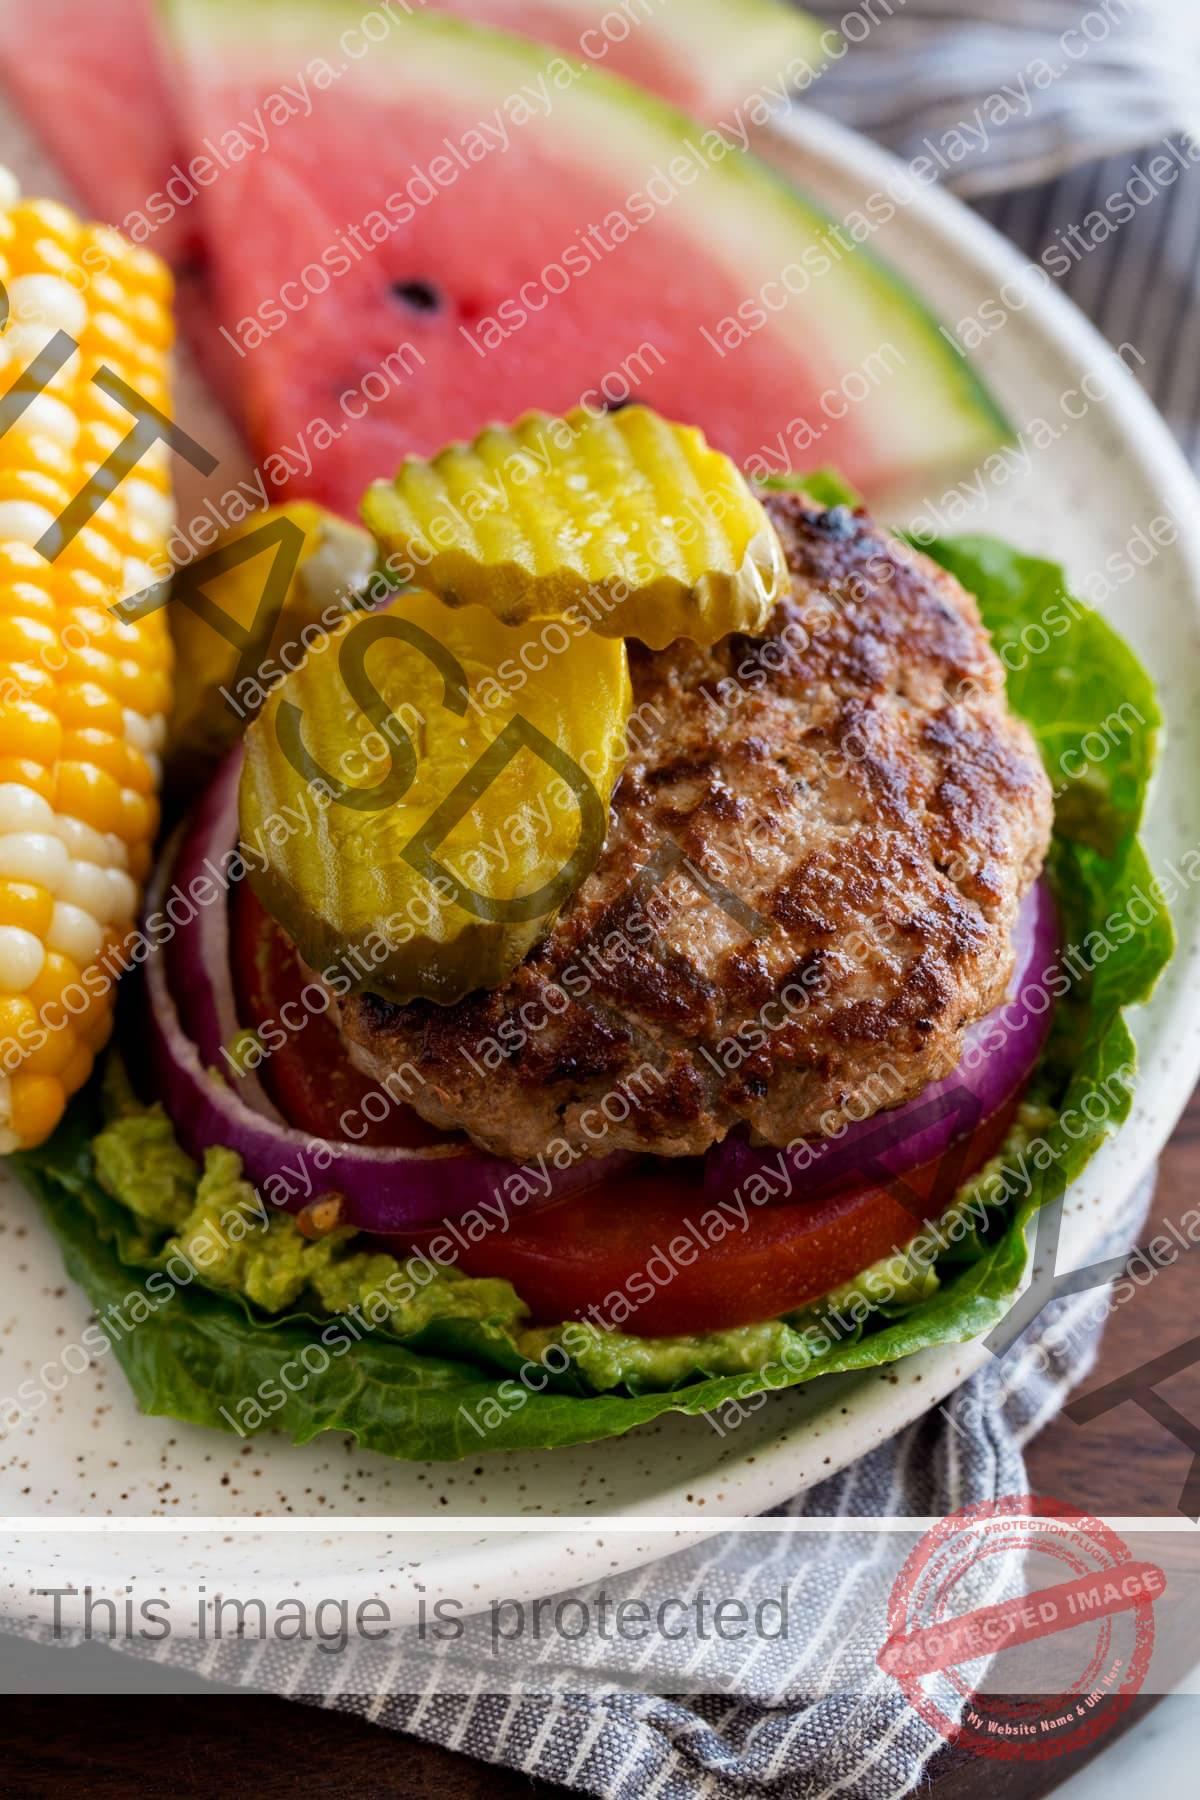 Hamburguesa de pavo baja en carbohidratos y hojas de lechuga.  Servido con maíz y sandía.